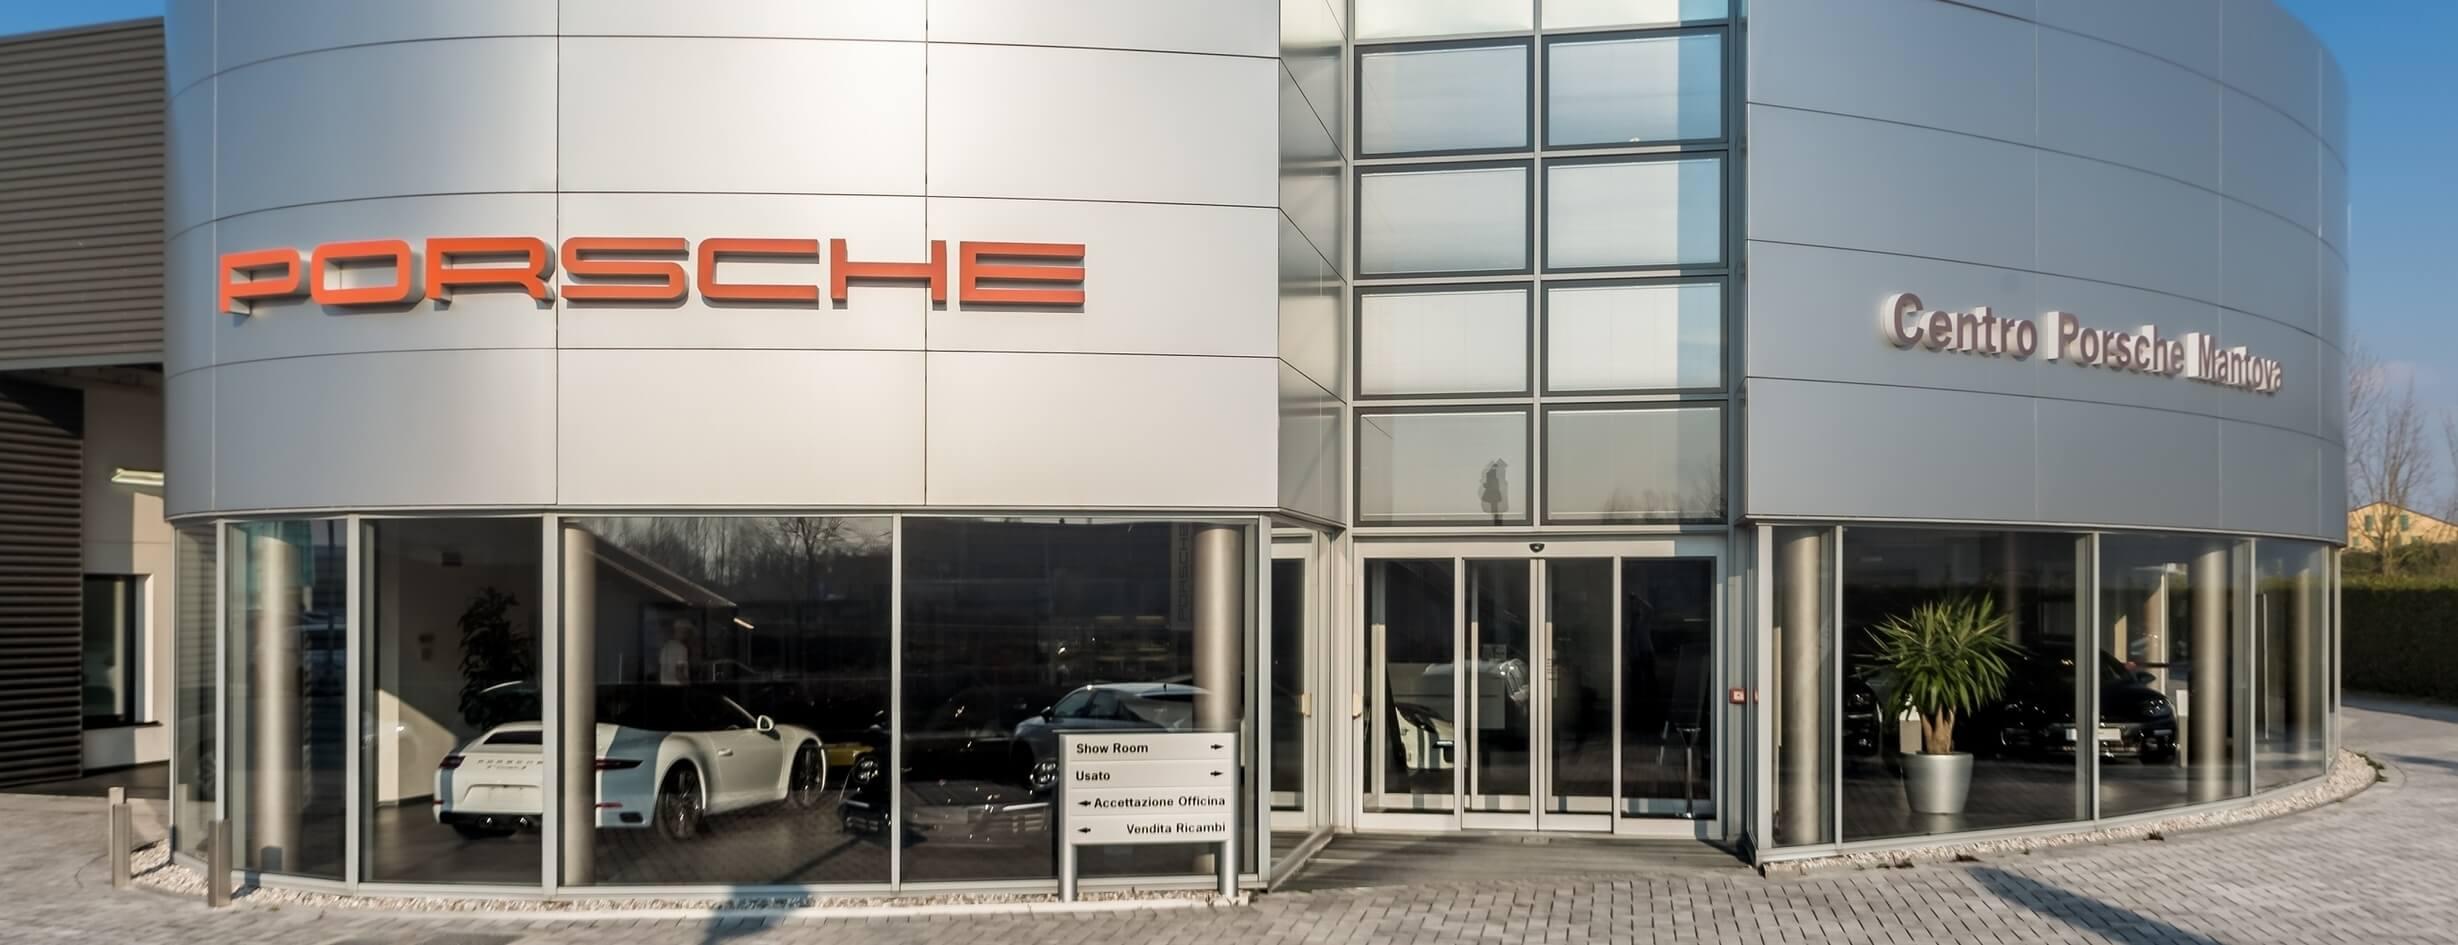 Centro Porsche Modena